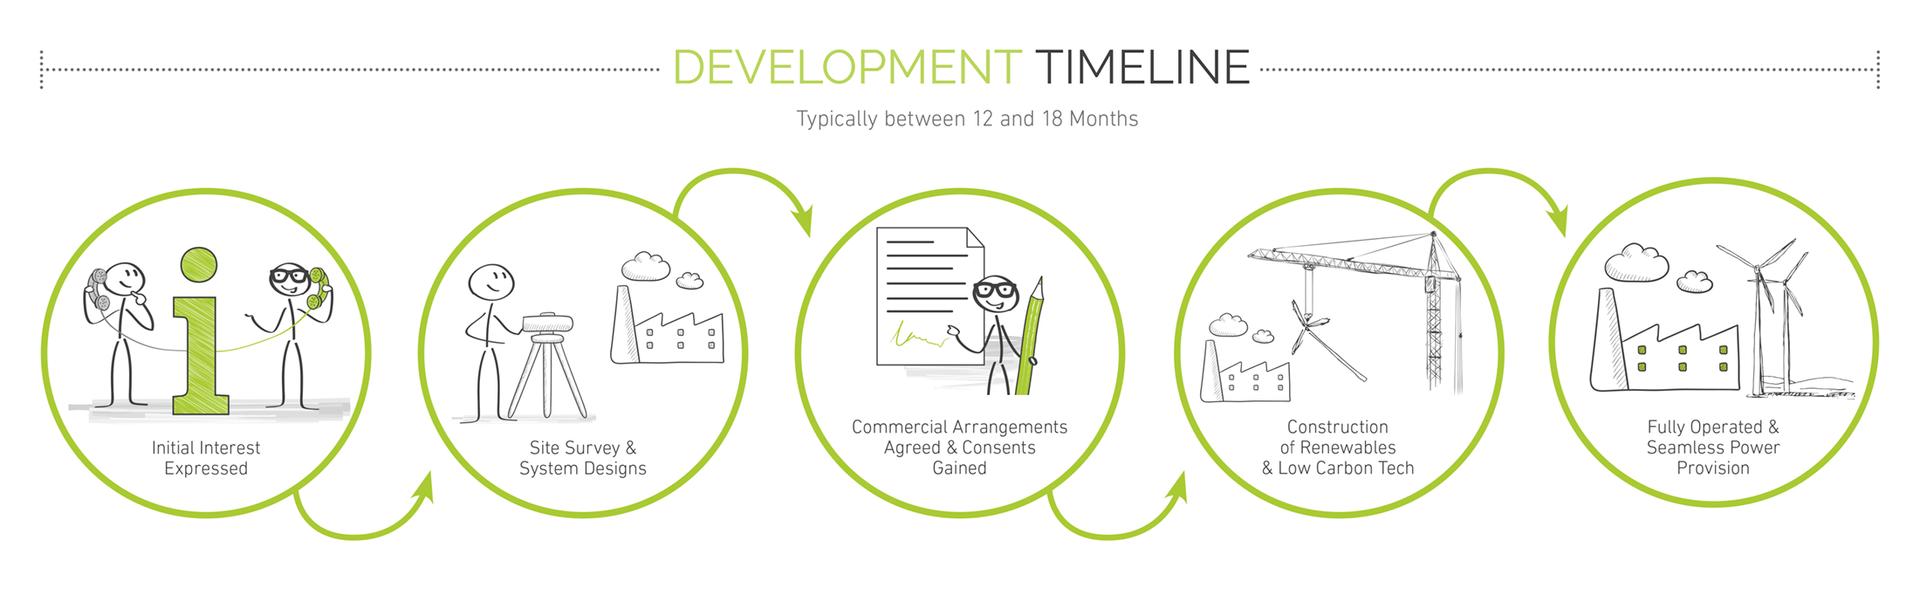 Development Timeline.png